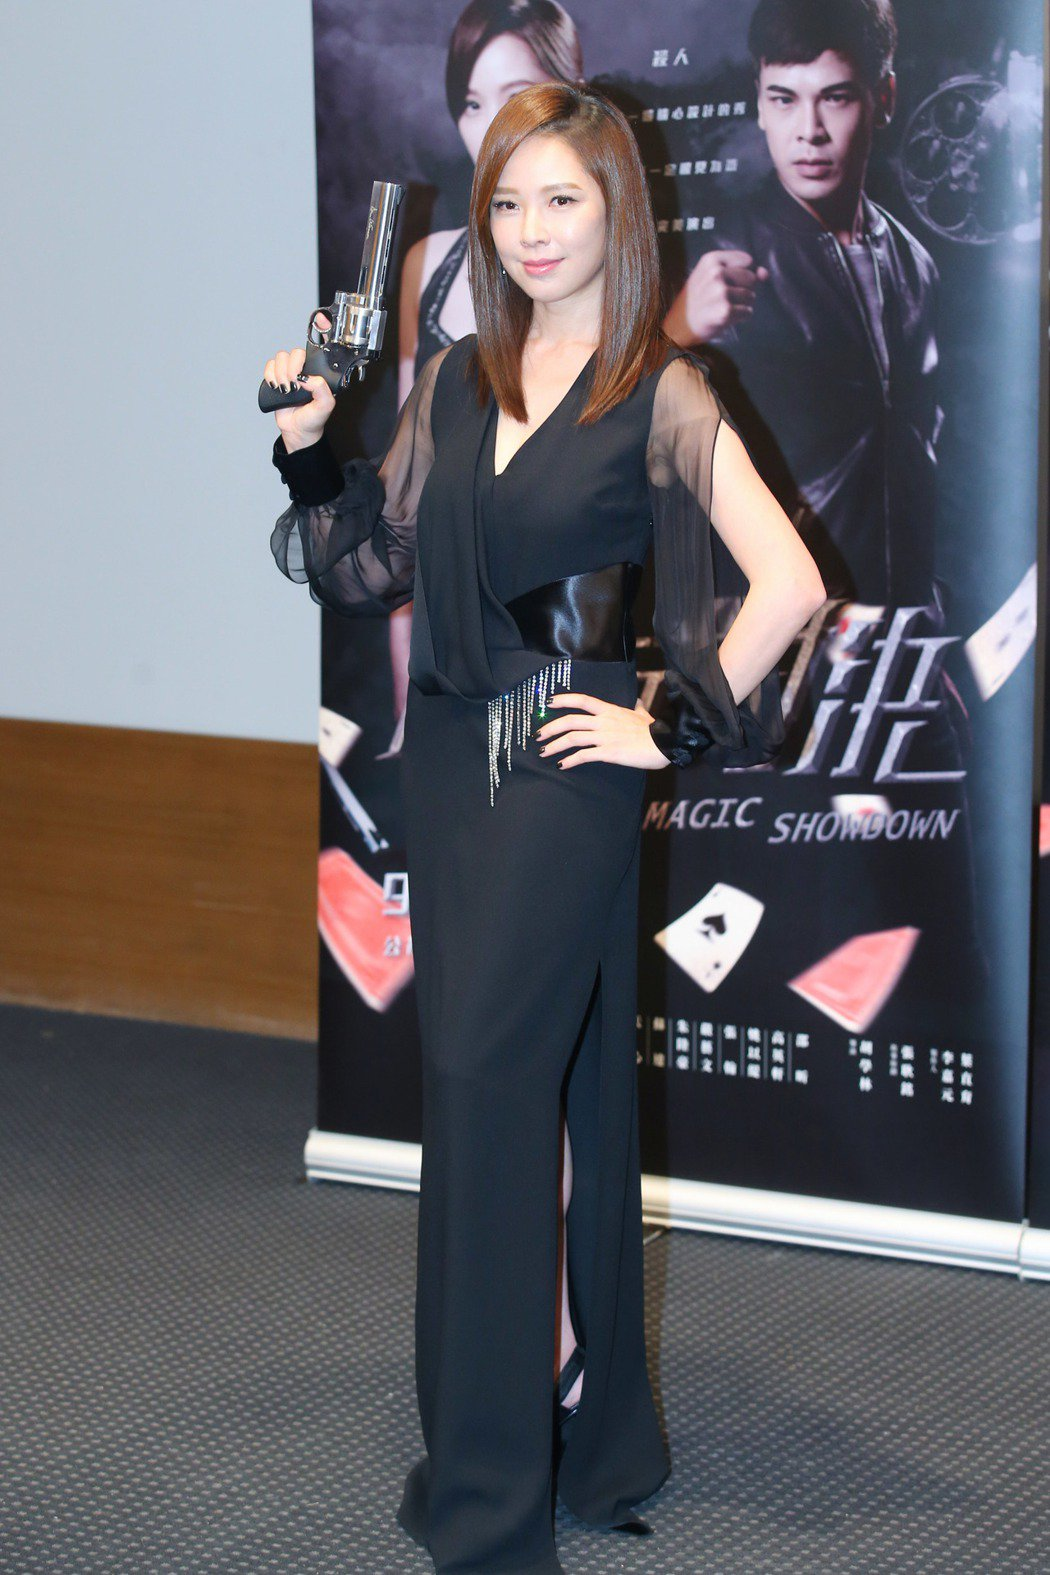 公視全新迷你劇集「魔幻對決」舉行首映會,女主角天心在劇中飾演魔術師,她拿著手槍帥...